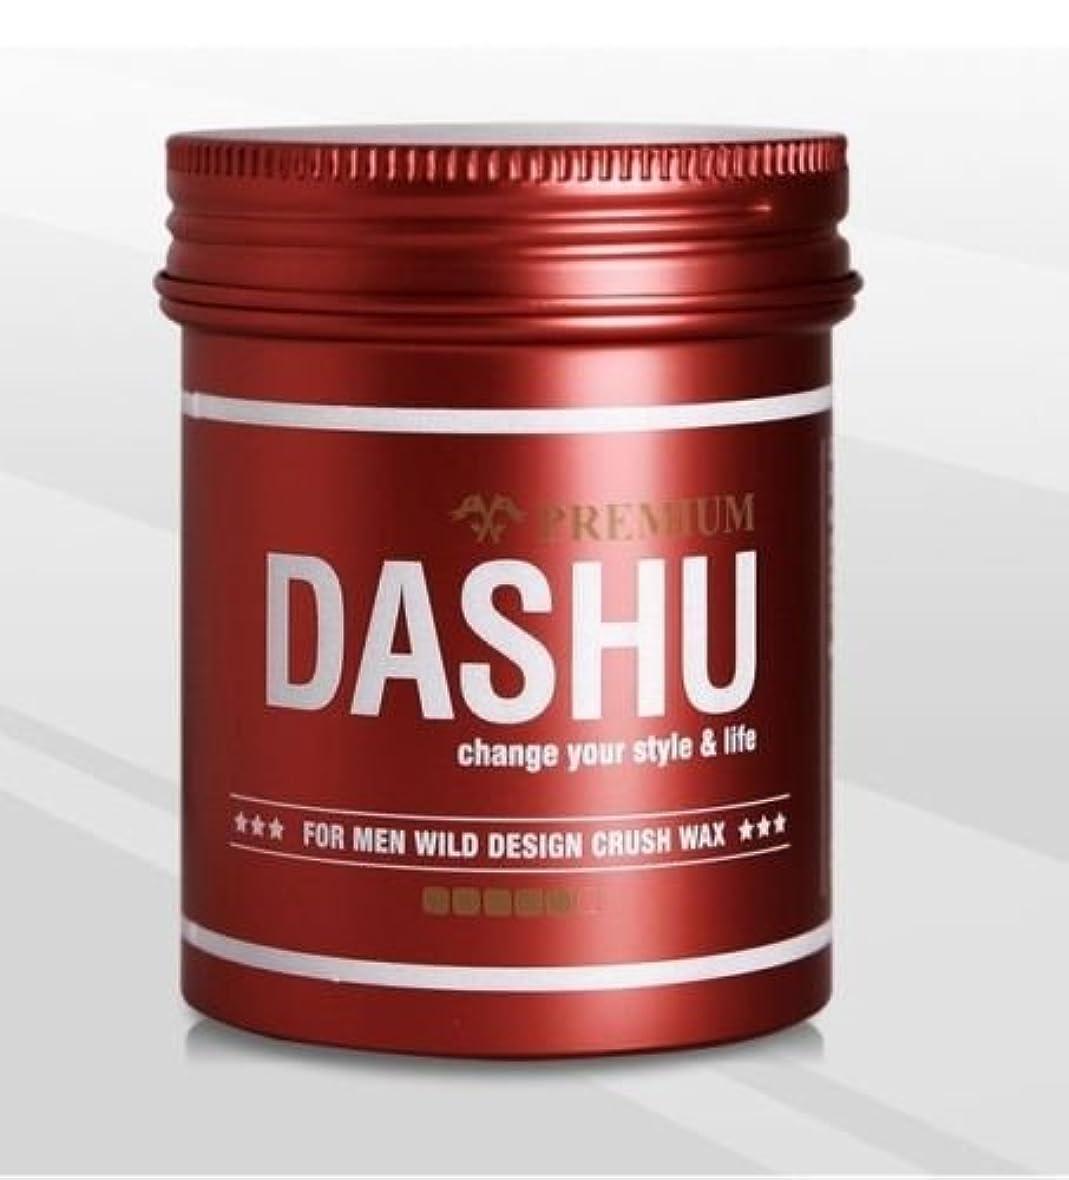 傾いたできた養う[DASHU] ダシュ For Men男性用 プレミアムワイルドデザインクラッシュワックス Premium Wild Design Crush Hair Wax 100ml / 韓国製 . 韓国直送品